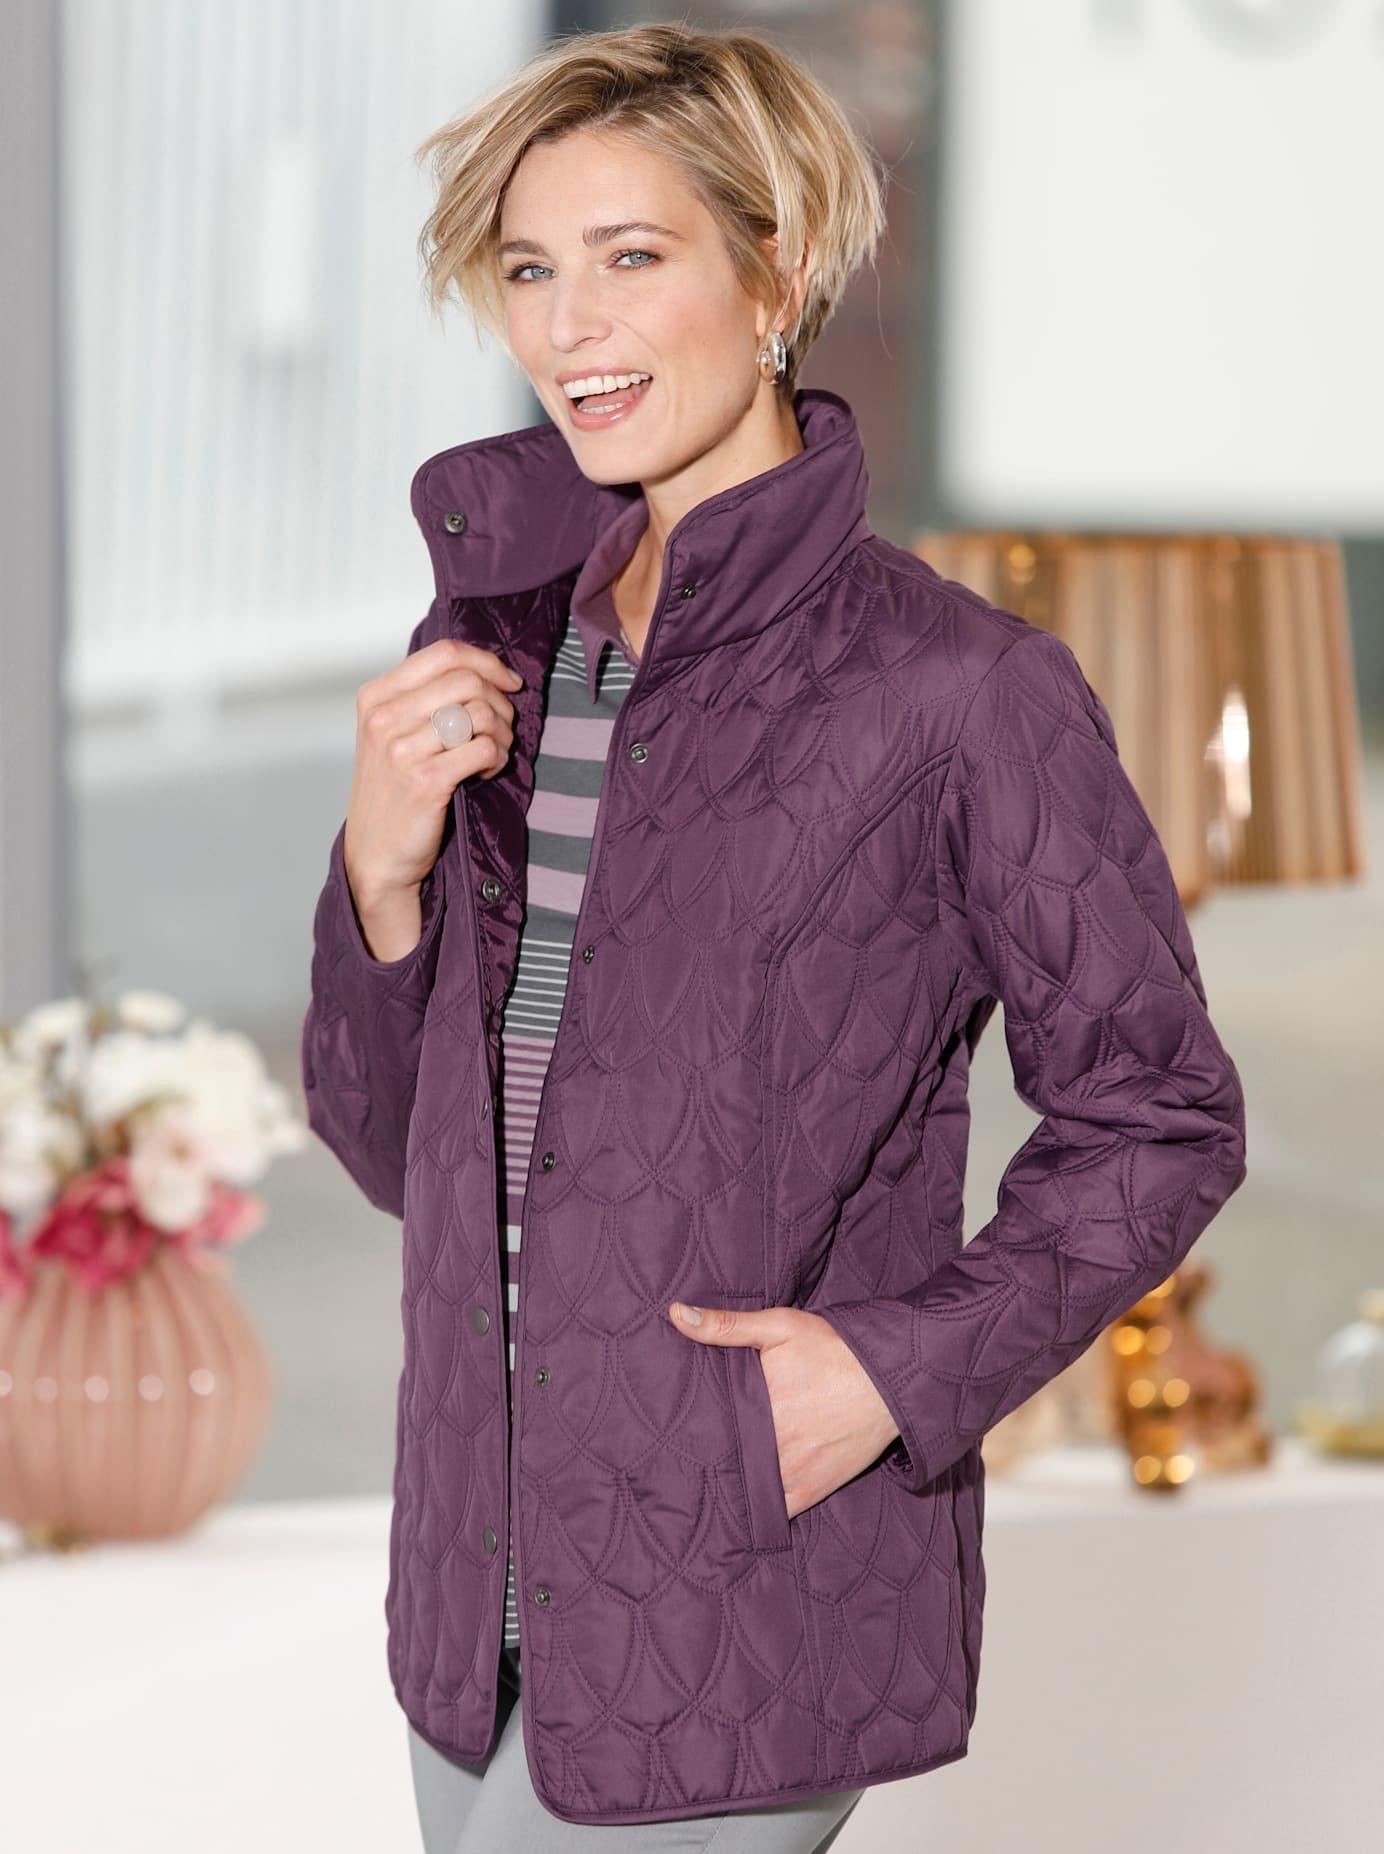 Gewatteerde jas - verschillende betaalmethodes